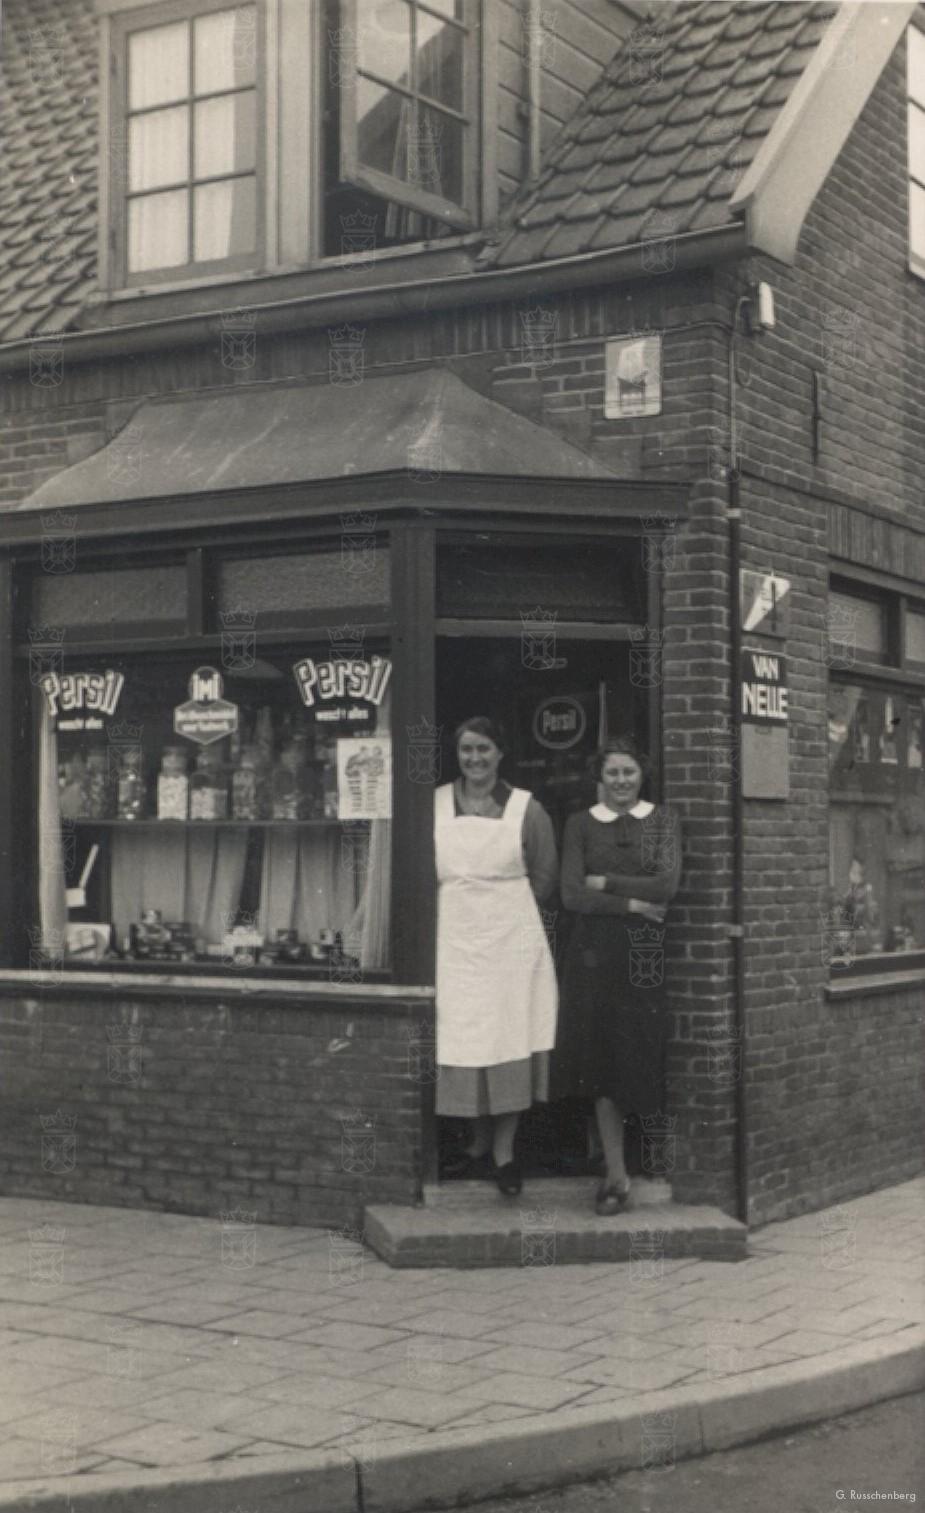 Mevr. Meijer voor haar winkel.